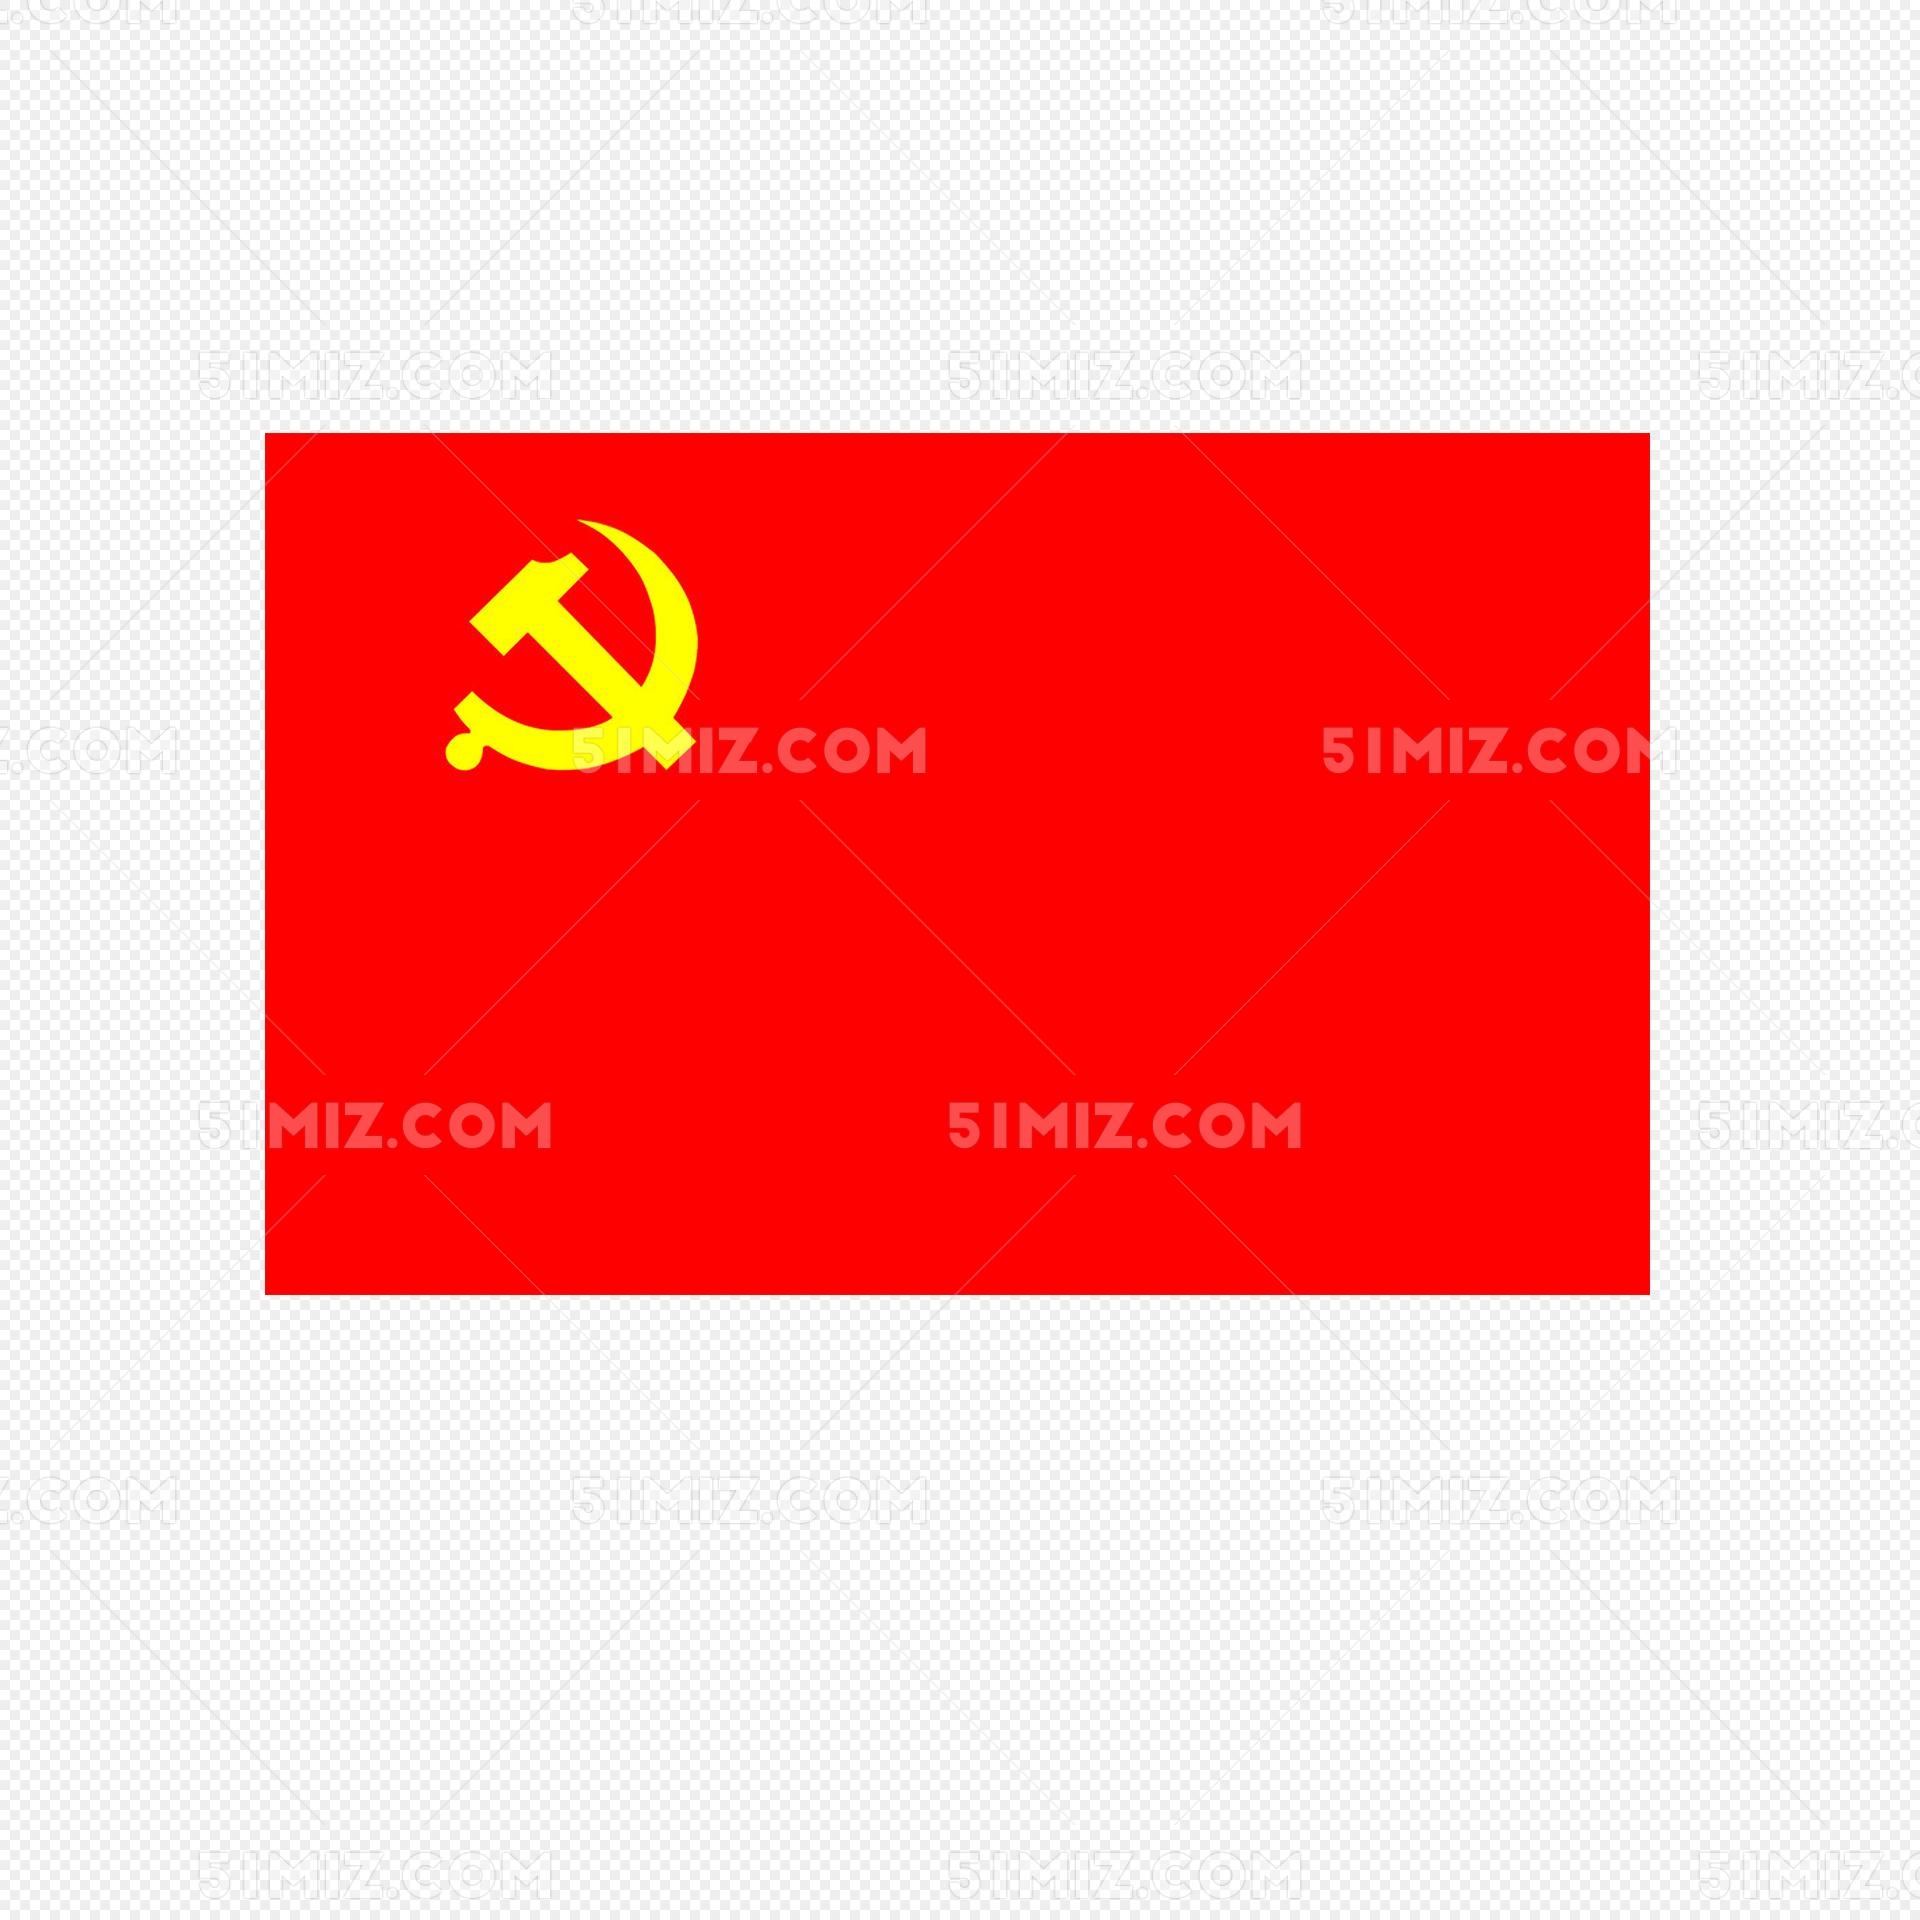 中国党旗红旗矢量图